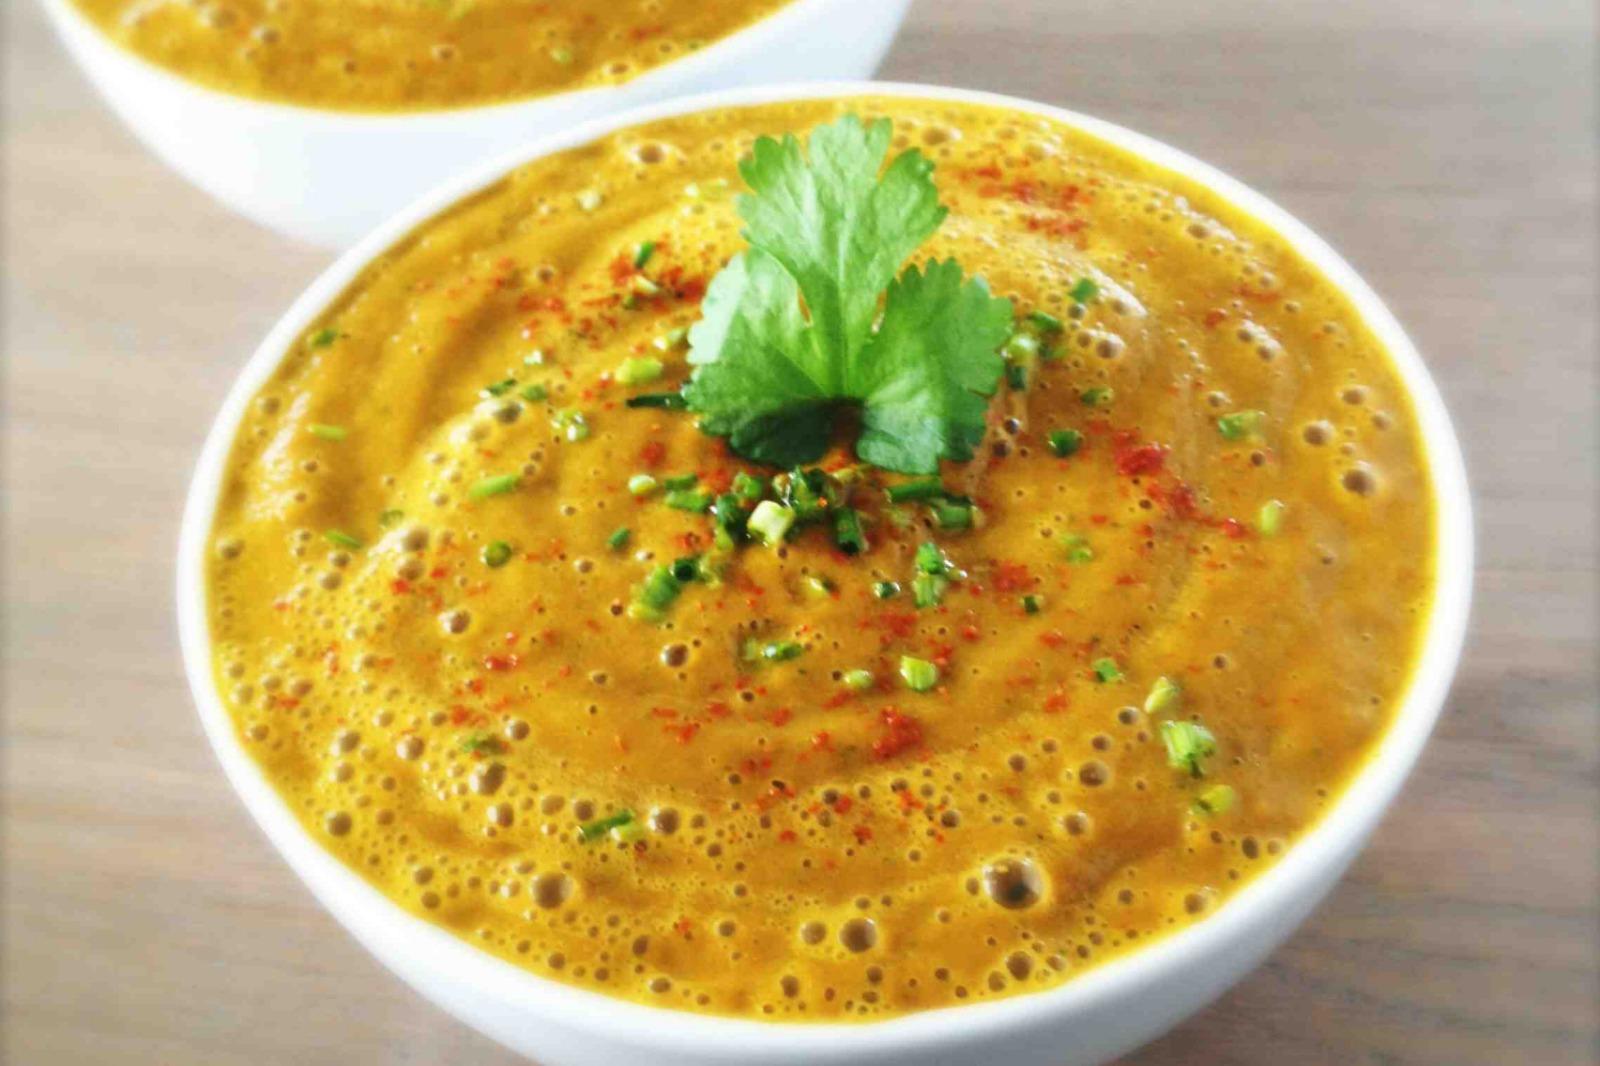 Warming Carrot Ginger Soup [Vegan, Raw]